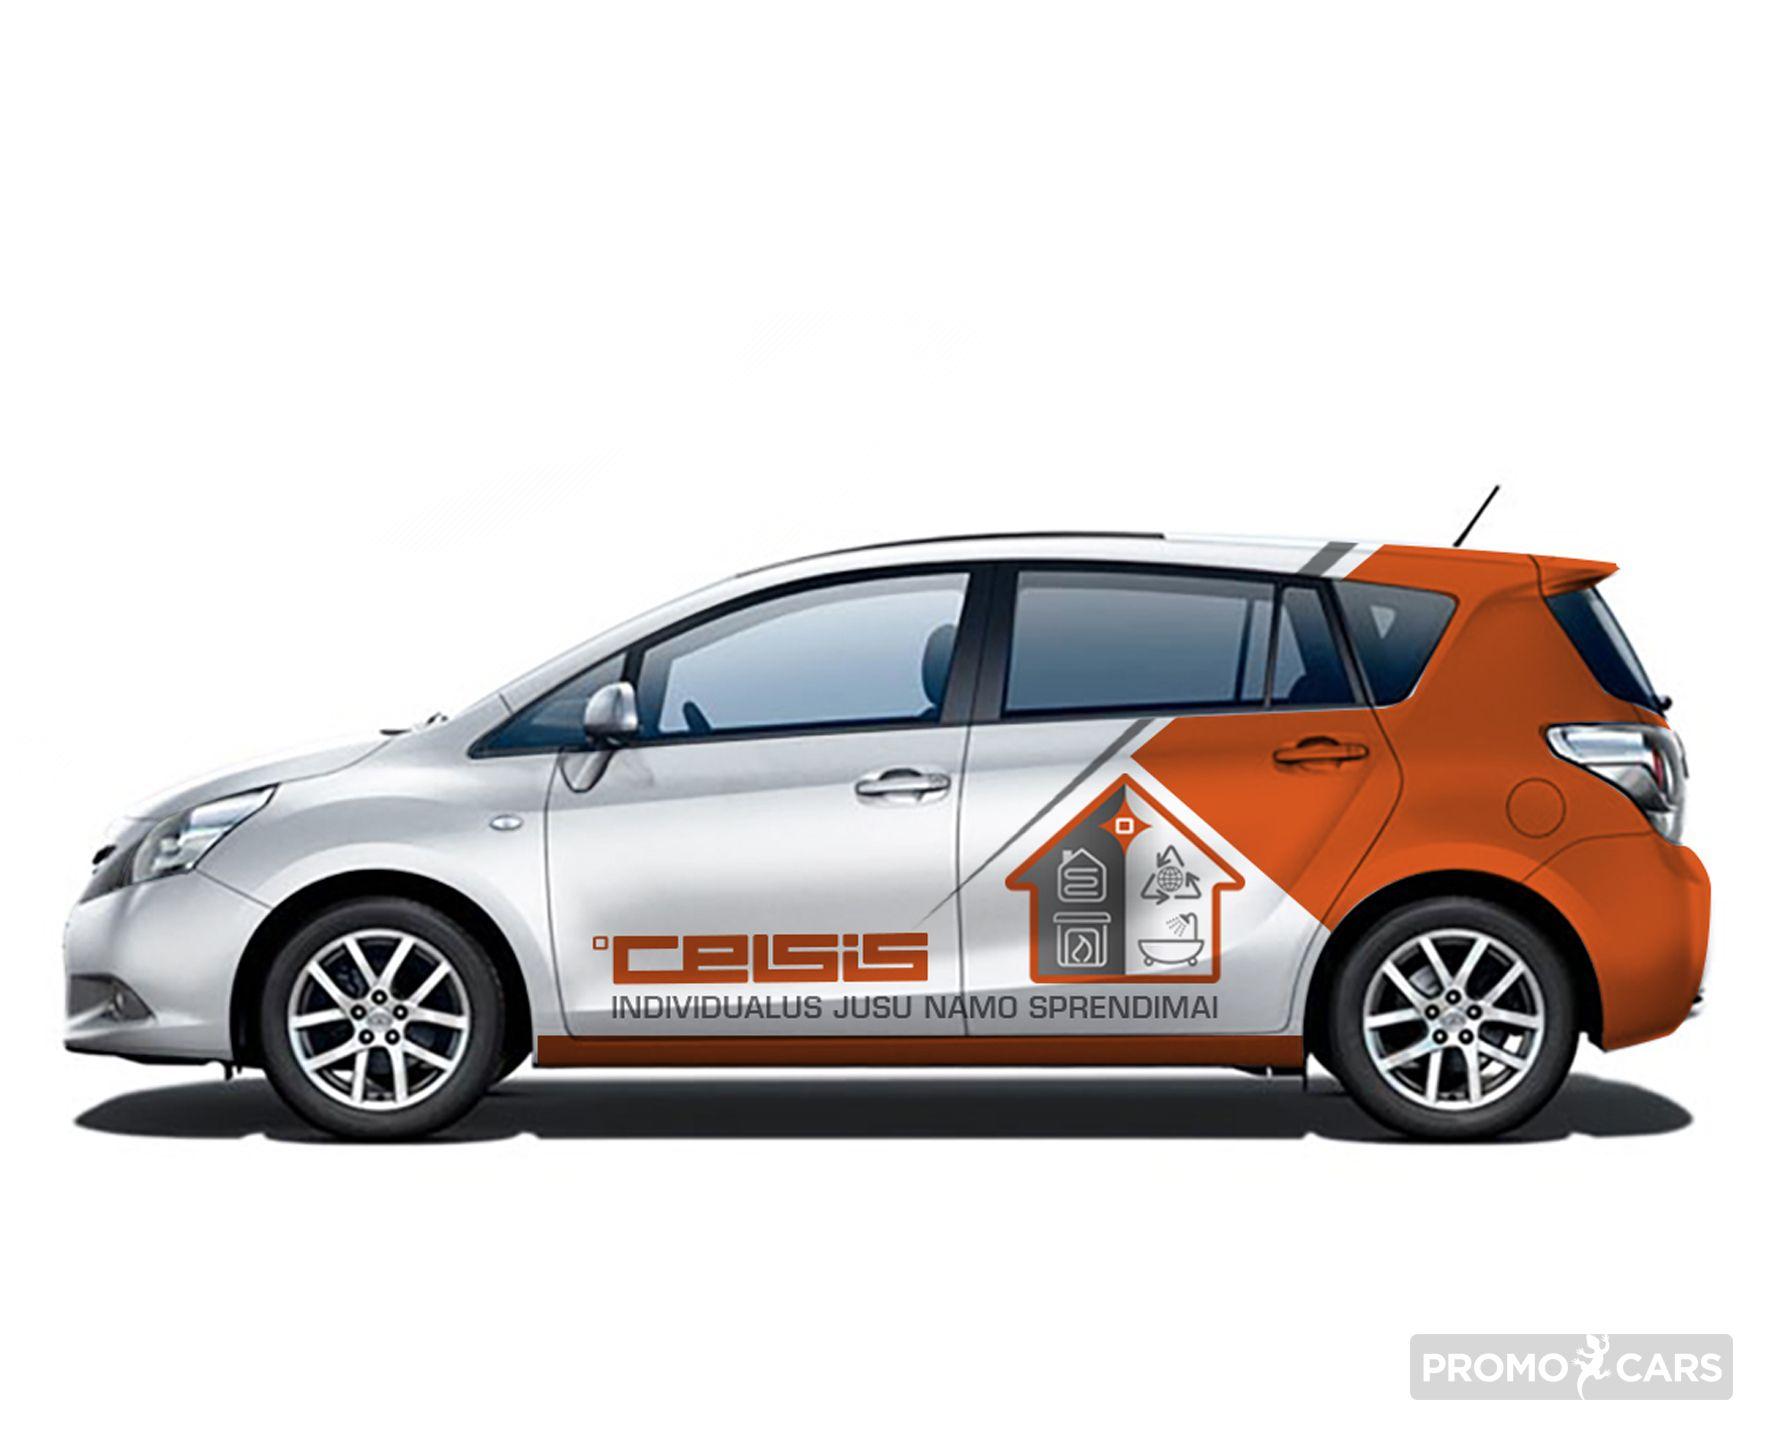 automobilio apklijavimo reklama projektas